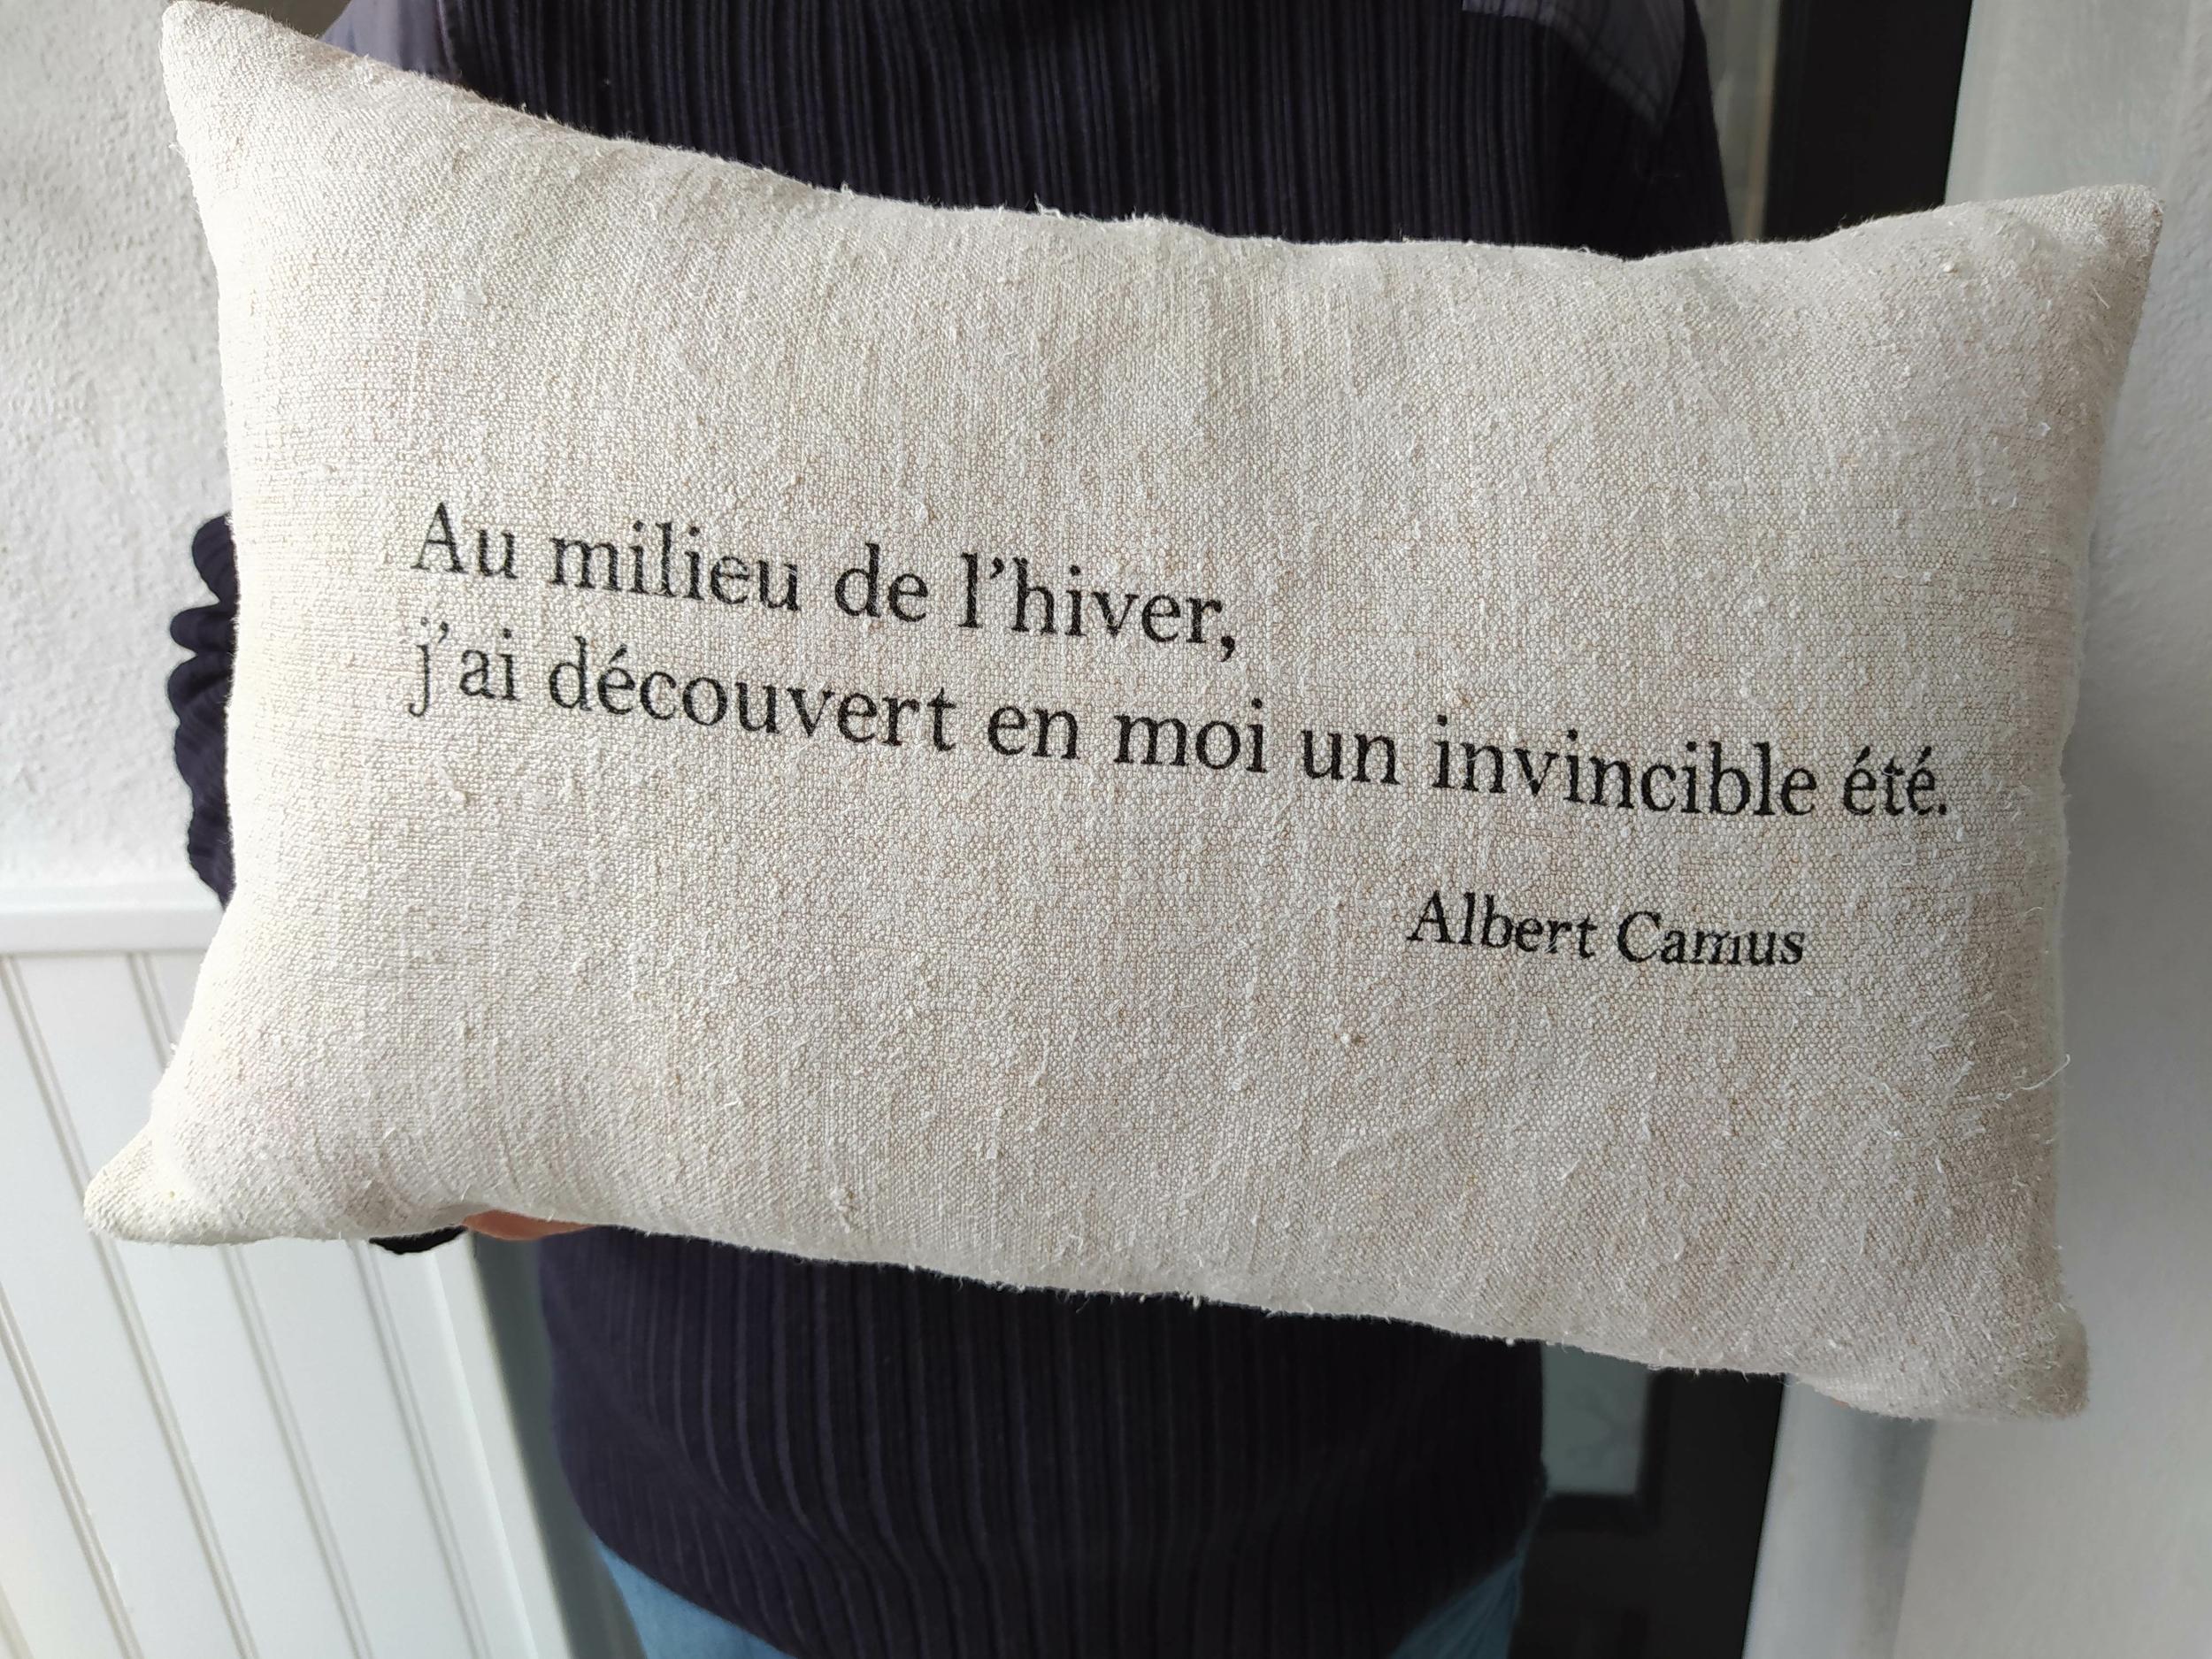 Coussin Invincible été Camus